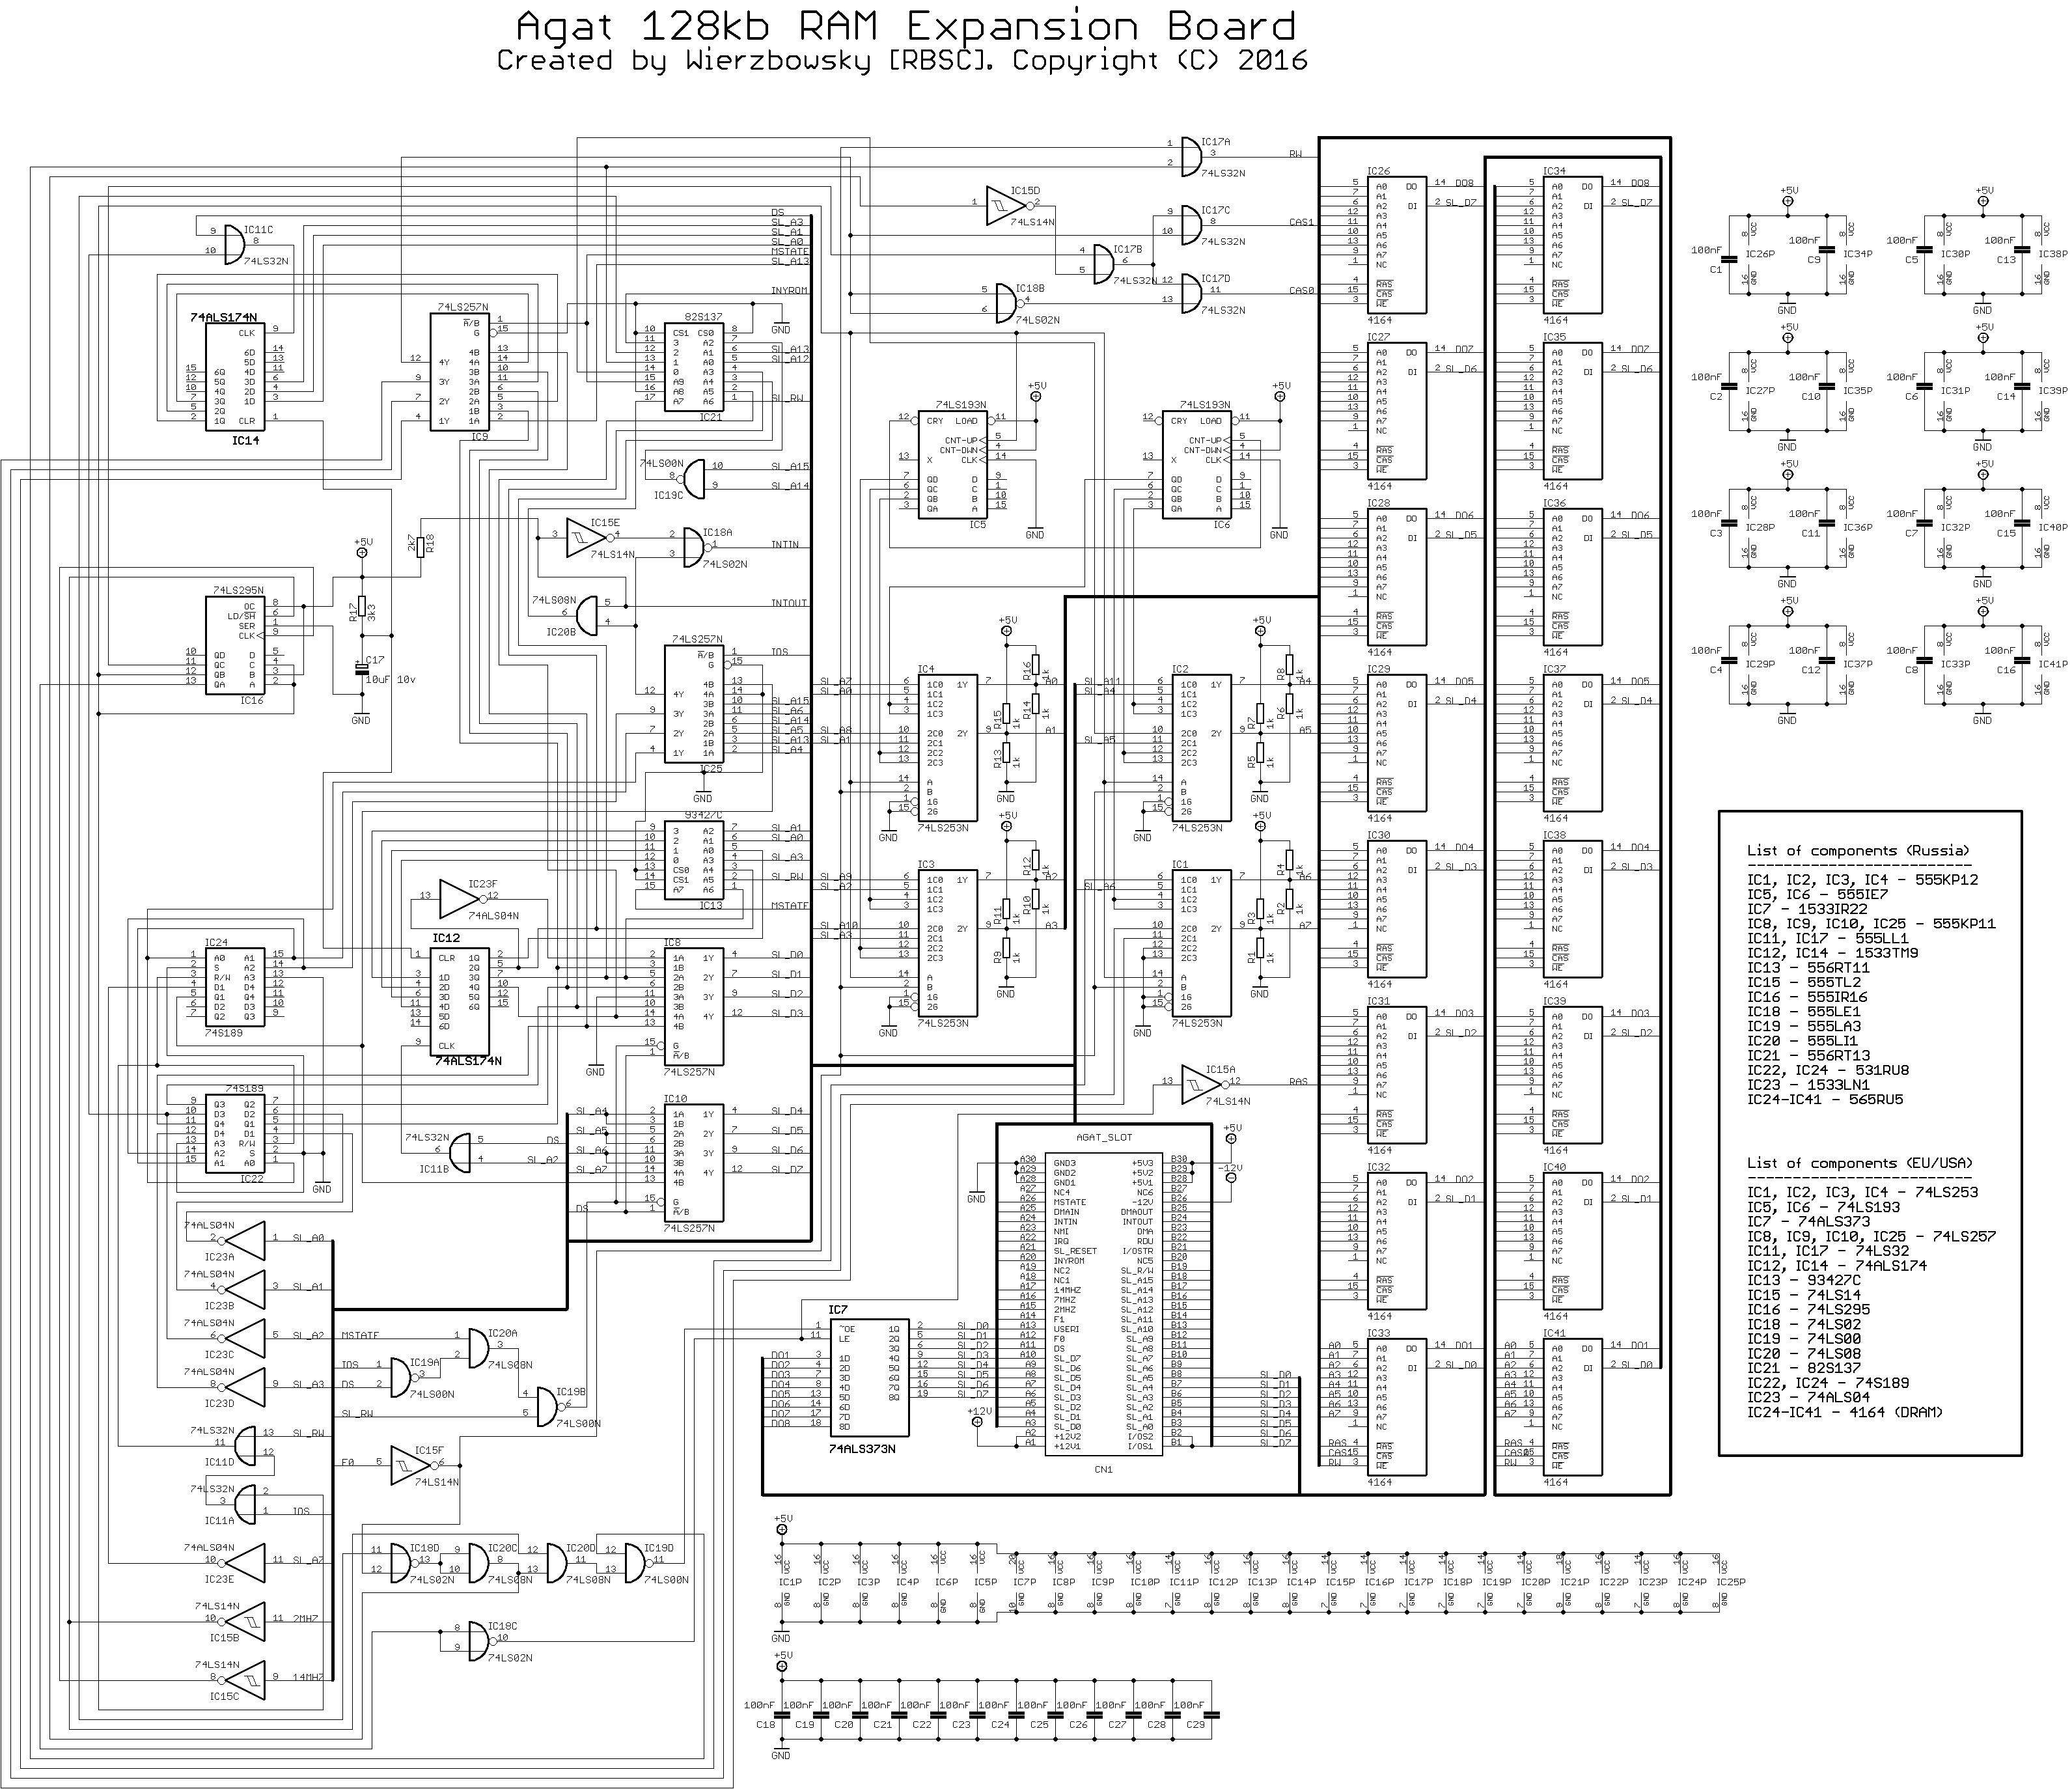 http://podrezov.com/agatram/schematics.png